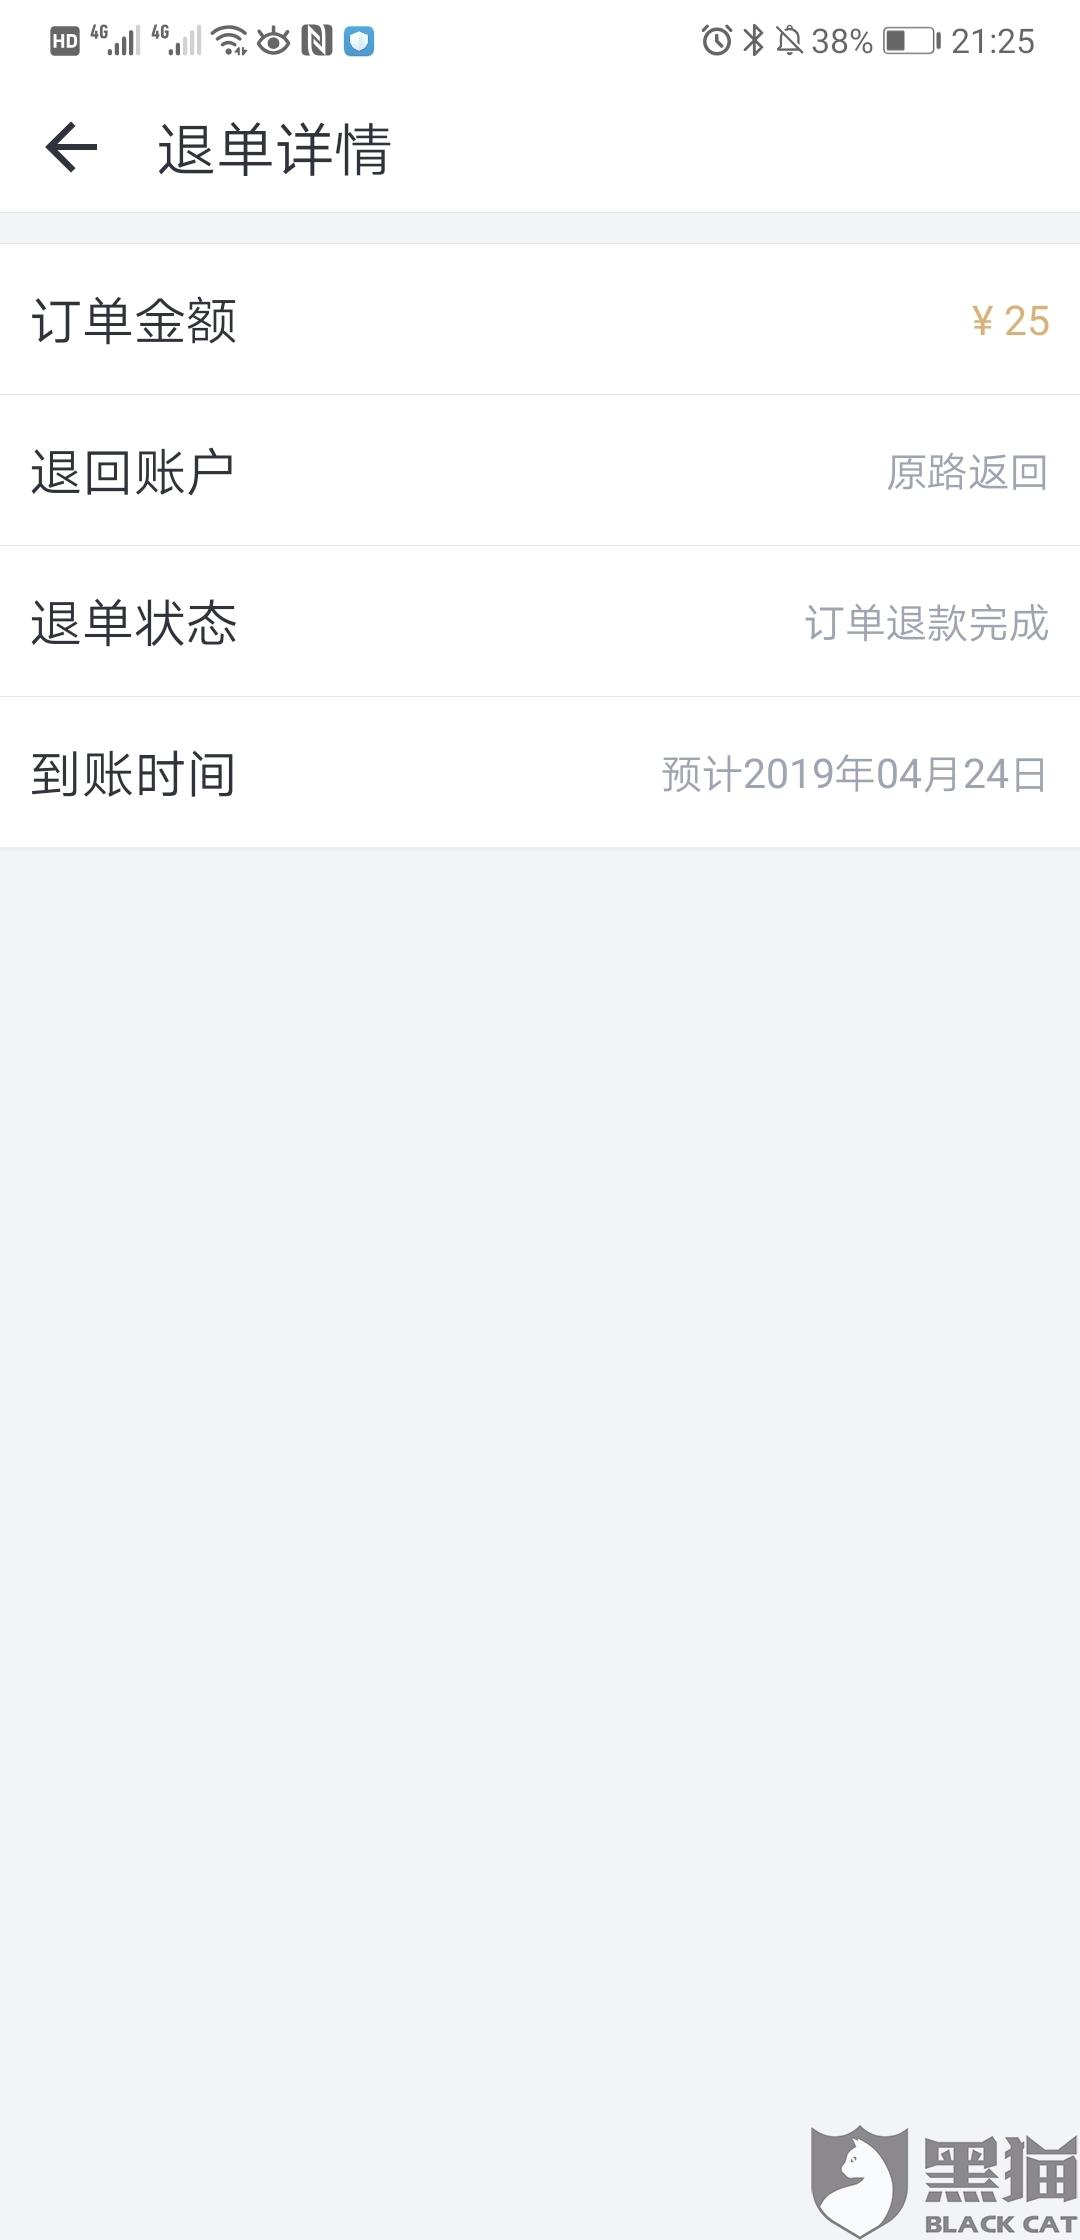 剧照v剧照:万达黑猫app退票后不退还小子抵值券香港电影坏电子电影图片